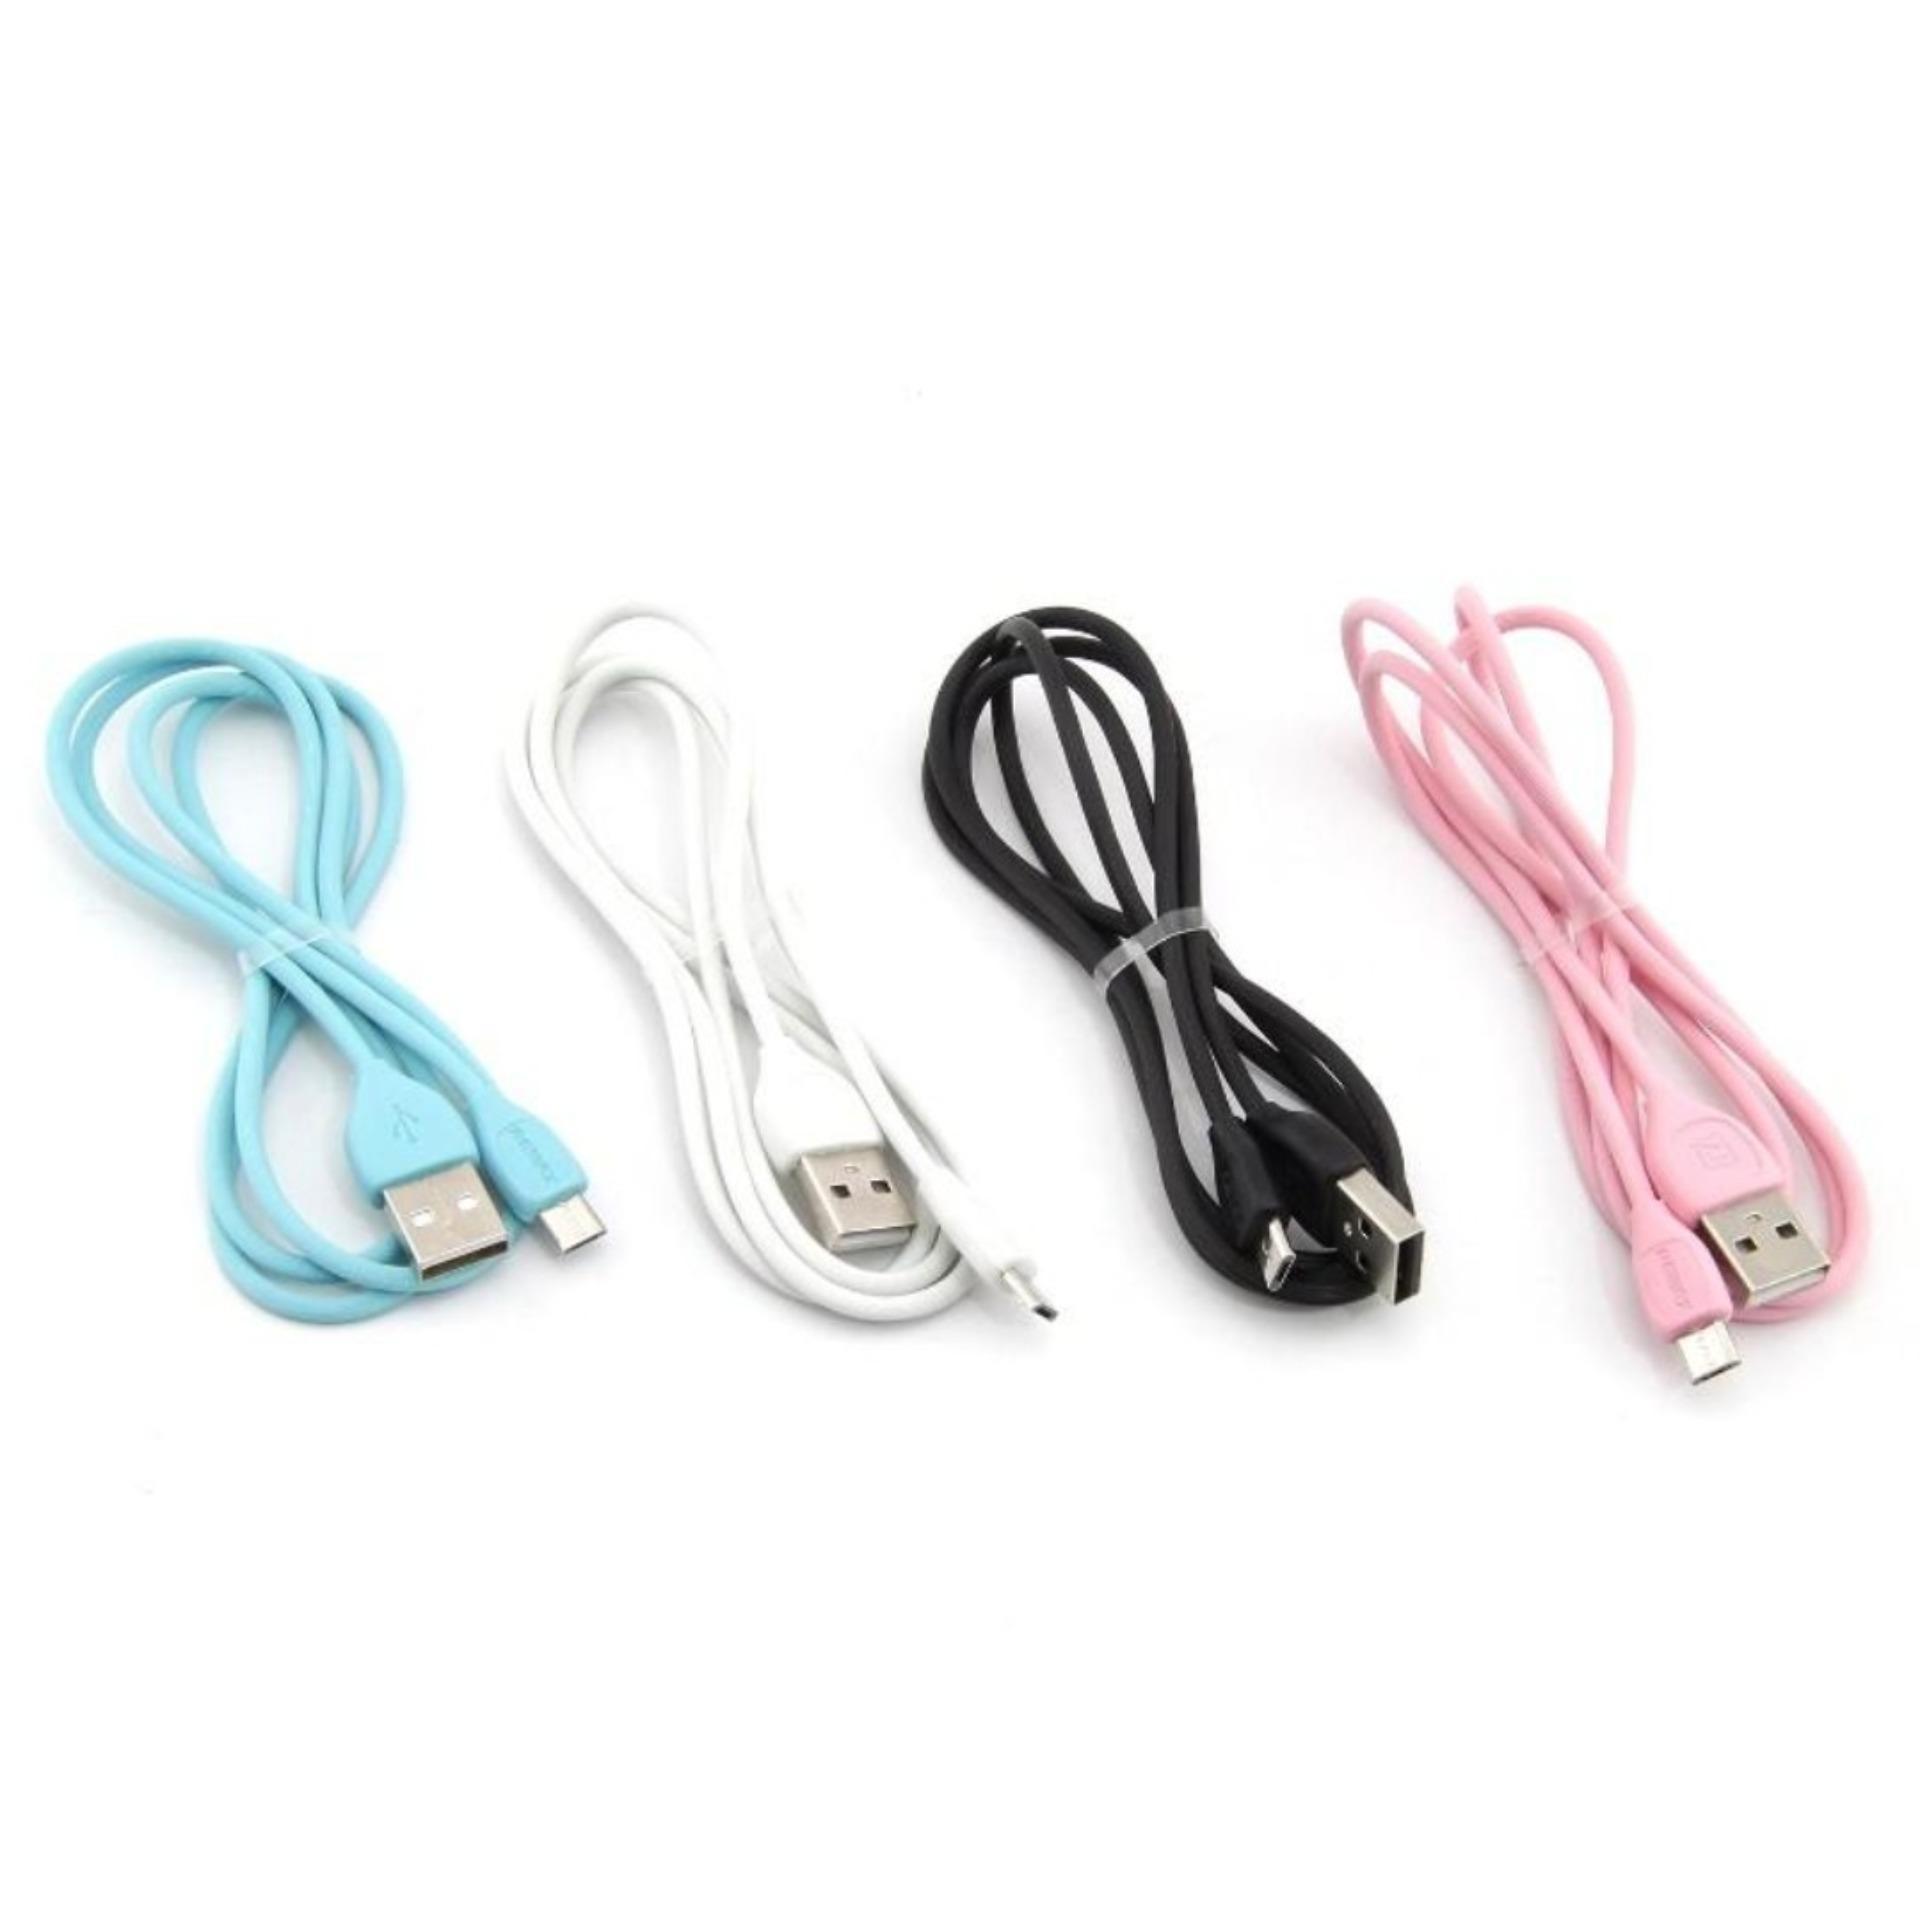 Fitur Remax Lesu Micro Usb Data Cable For Smartphone Rc 050m Dan Kabel Charge 3 In 1 066th Lightning Type C Original Detail Gambar Terbaru